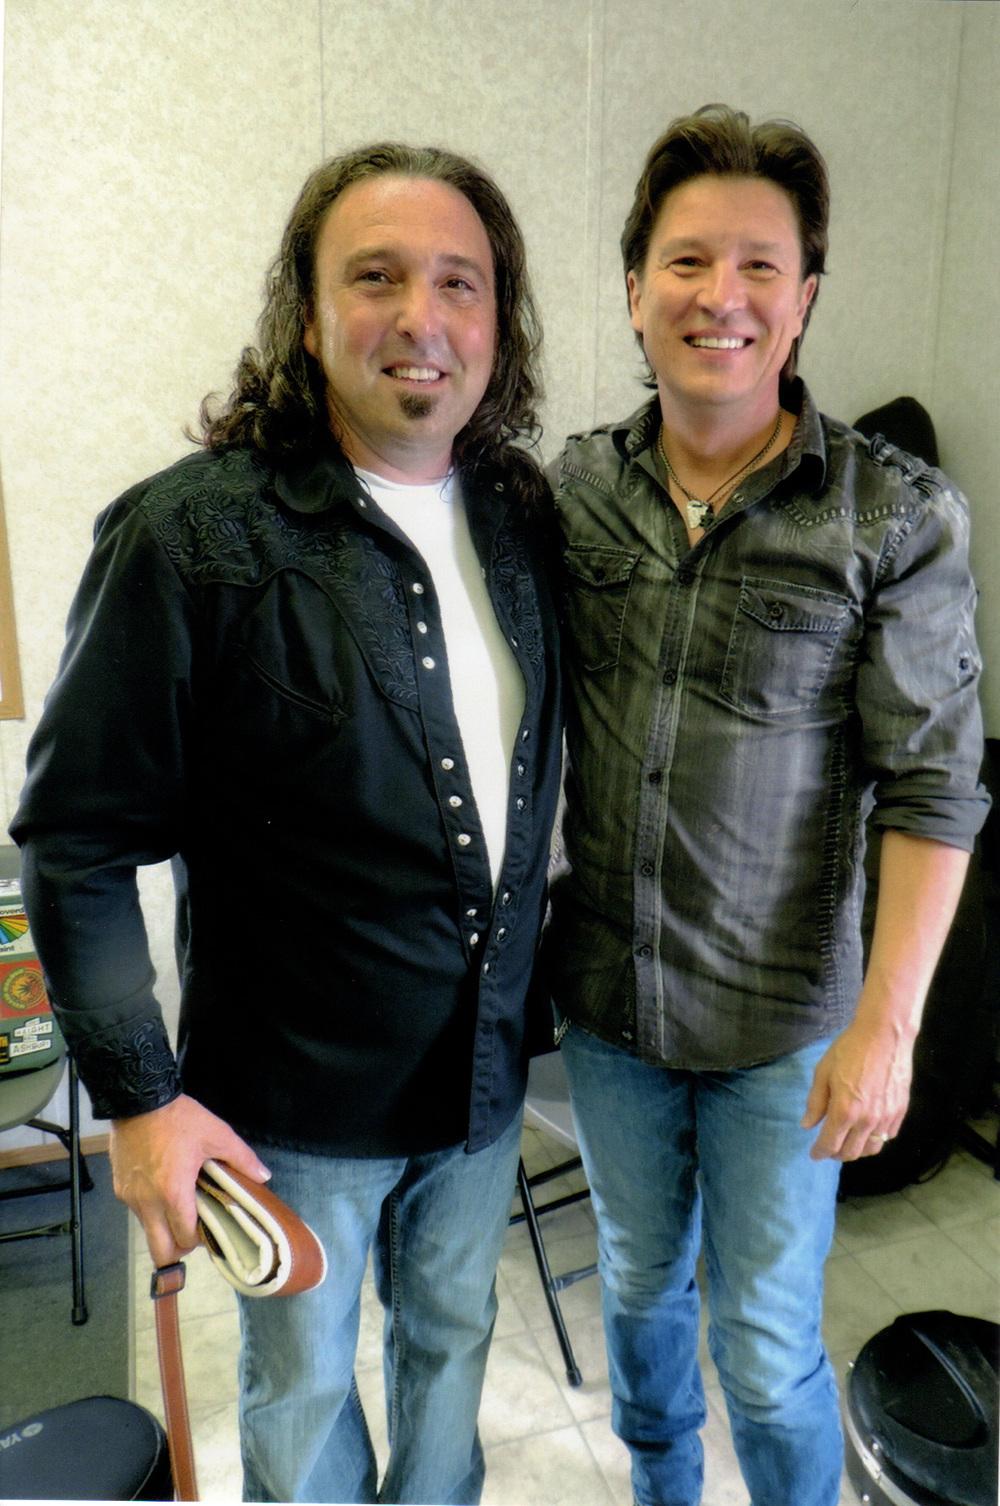 Jimmy Whiffen & Ronnie Bowman